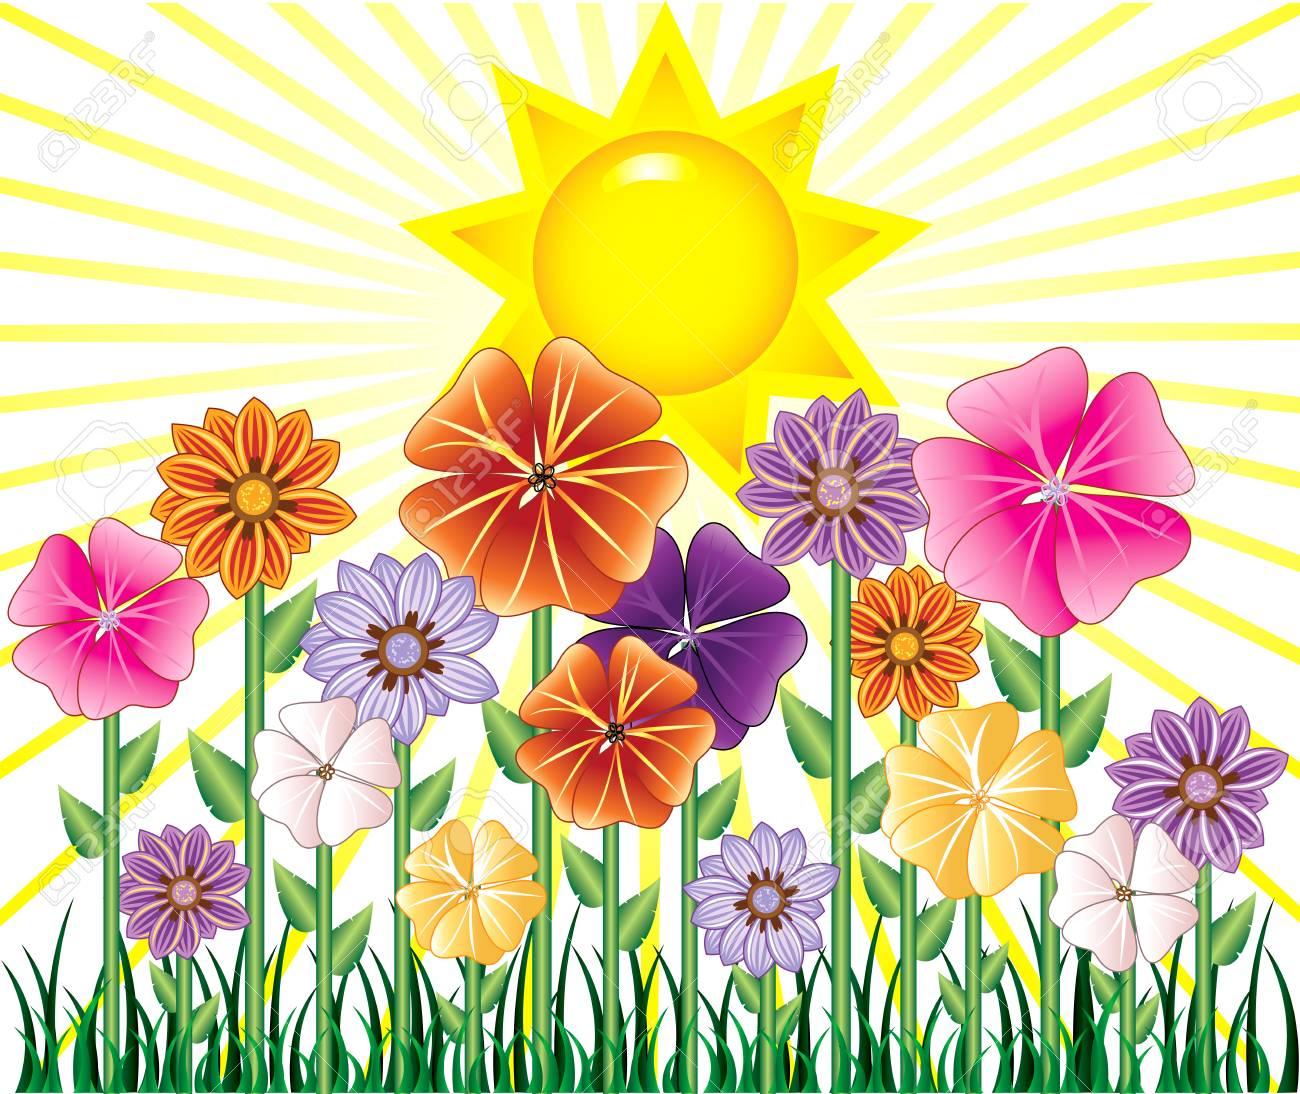 Ilustración De Un Día De La Primavera Con Sunshine Y Flor De Jardín